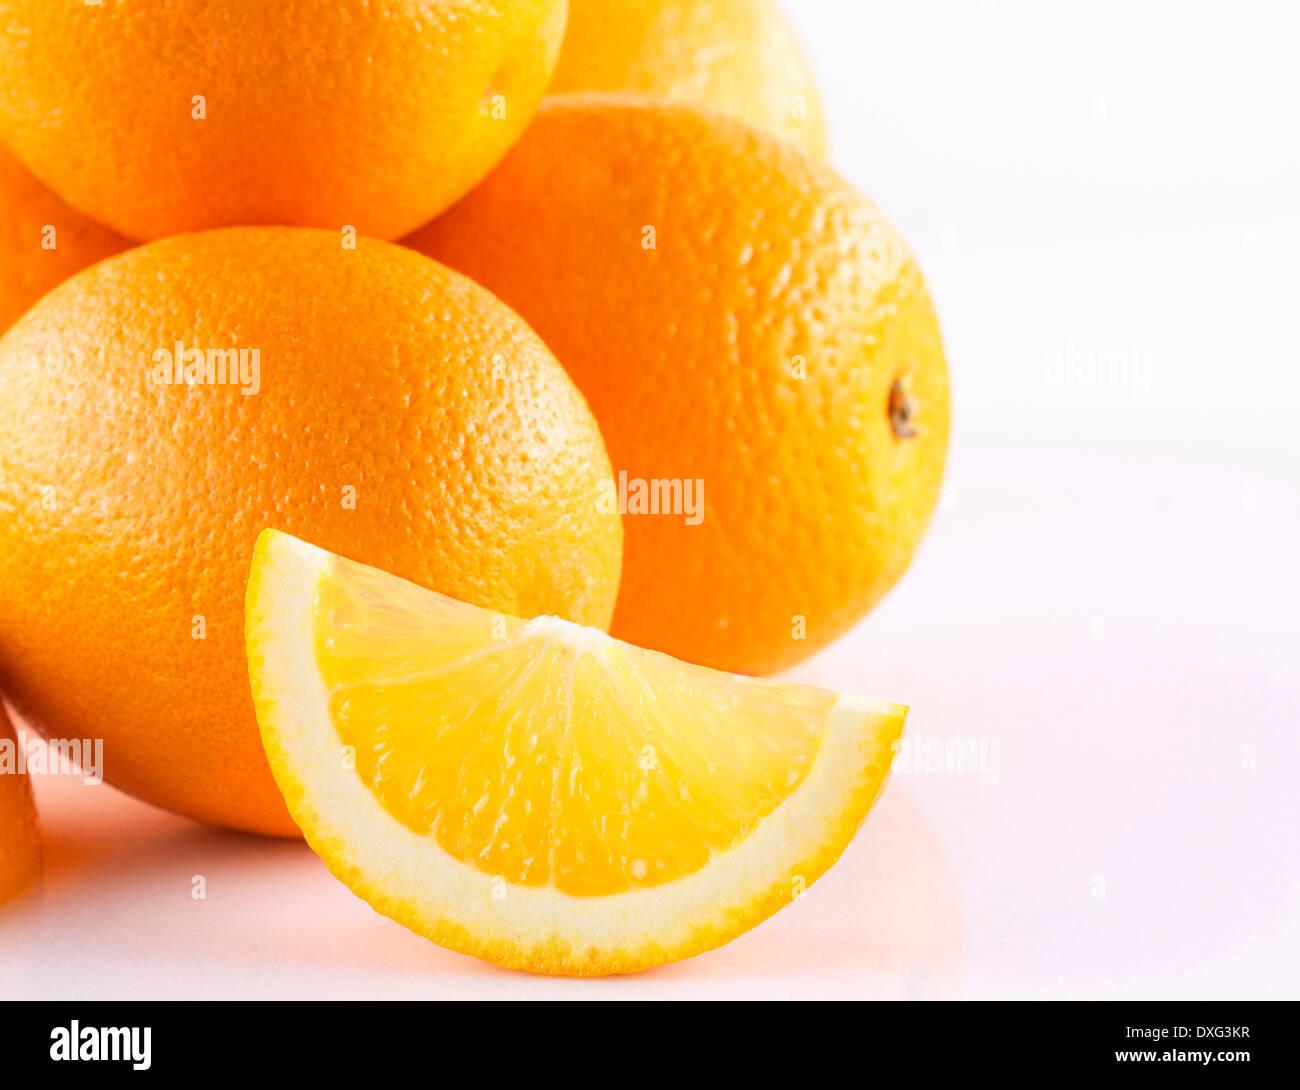 Studio Shot Of Oranges On White Background - Stock Image